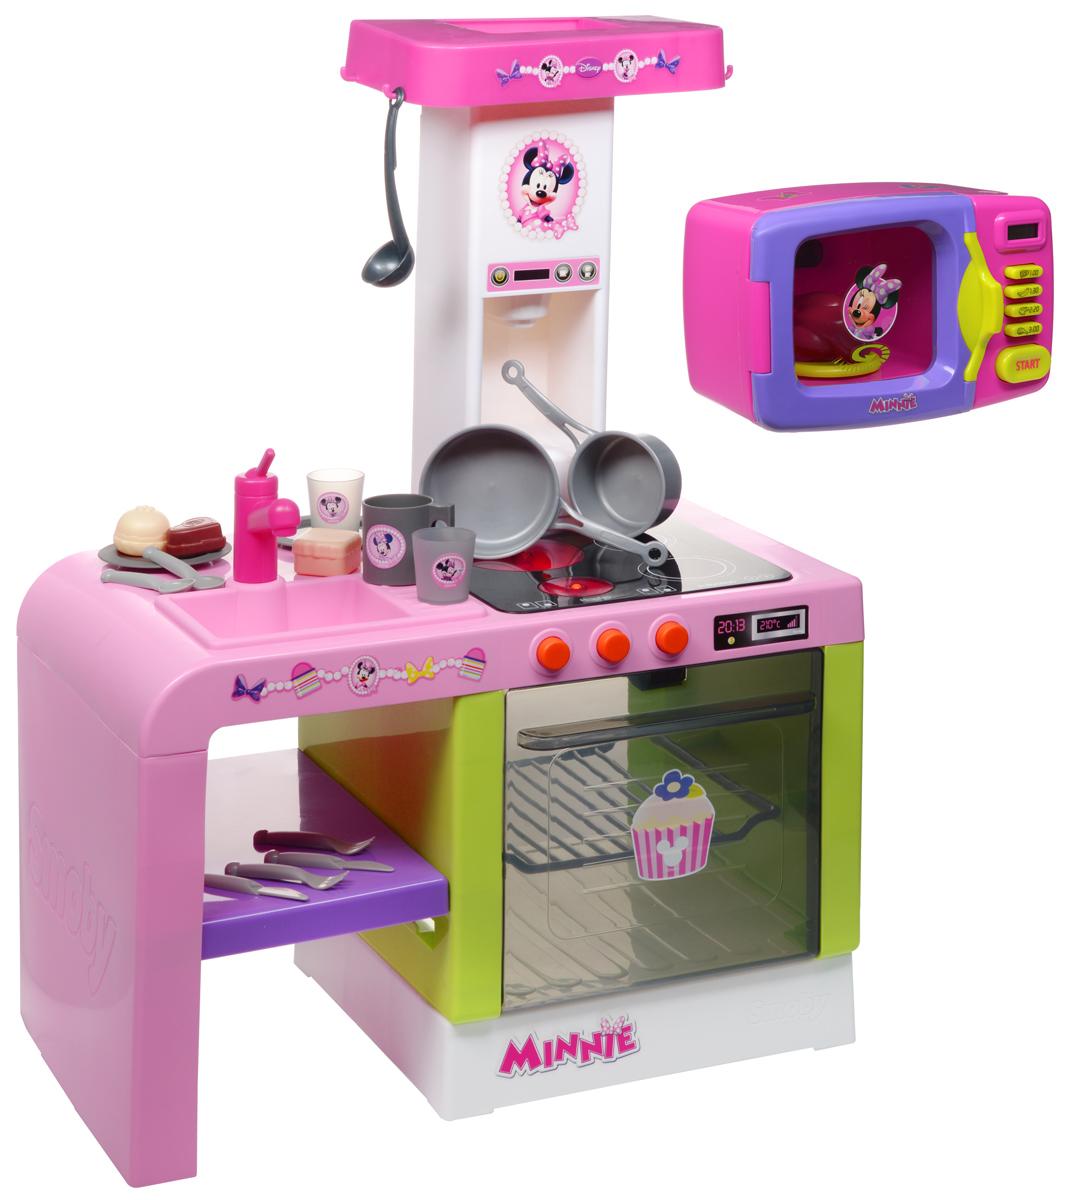 Smoby Кухня Cheftronic Minnie Mouse + Подарок Микроволновая печь Minnie Mouse24197РКухня Cheftronic Minnie - это компактная кухня со многими электронными функциями. Благодаря своим эргономичным размерам, она нуждается в минимальном пространстве для размещения в детской. Все как в настоящей кухне - мойка с краном (без воды), духовой шкаф с подсветкой, варочная панель (звуки шипения и варения), кофеварка с реалистичными звуками, полочки для размещения продуктов - все это позволяет почувствовать себя настоящей хозяйкой на куне. В комплекте 21 аксессуар: тарелки, ложки, вилки, ножи, чашка, половник, кастрюльки, коробочки с полуфабрикатами, продукты. Высота кухни: 69 см. Необходимо докупить 3 батарейки напряжением 1,5V типа АА (не входят в комплект). C микроволновой печью Minnie Mouse ваша малышка сможет почувствовать себя настоящим кулинаром. Микроволновка выполнена из безопасного пластика розового и сиреневого цветов и снабжена четырьмя кнопками для приготовления блюд, дисплеем, показывающим время приготовления,...